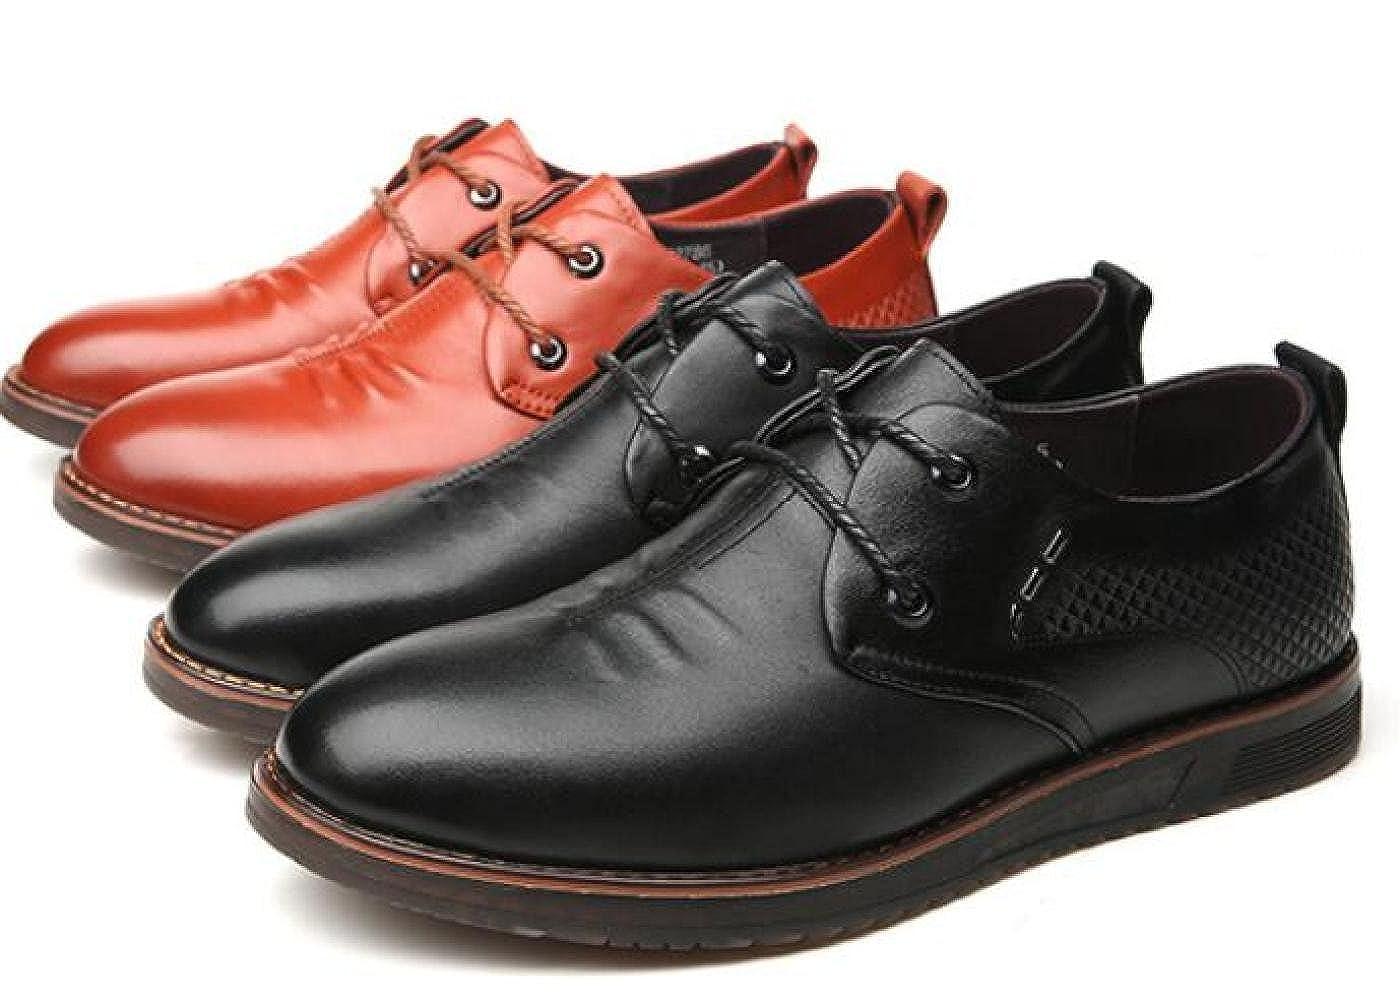 GTYMFH Vier Jahreszeiten Männer Lederschuhe Herrenschuhe Geschäft Freizeit Schuhe Mode Einzelne Schuhe Freizeit 90a617